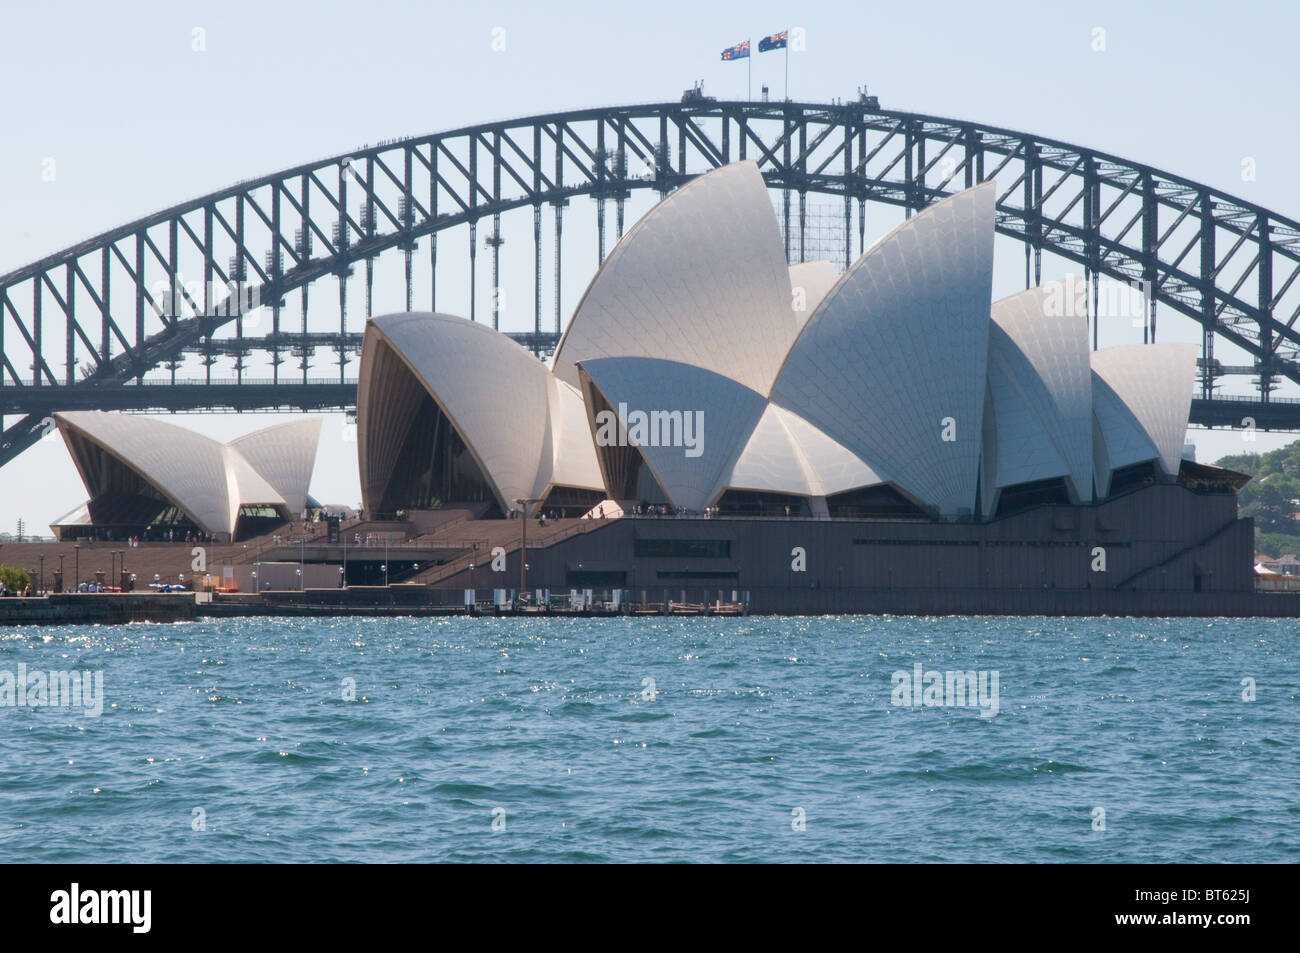 Sydney Opera House Multi-Veranstaltungsort Performing Arts Center australische Stadt Sydney dänische Architekt Jørn Utzon, Pritzker-Preis, archit Stockfoto